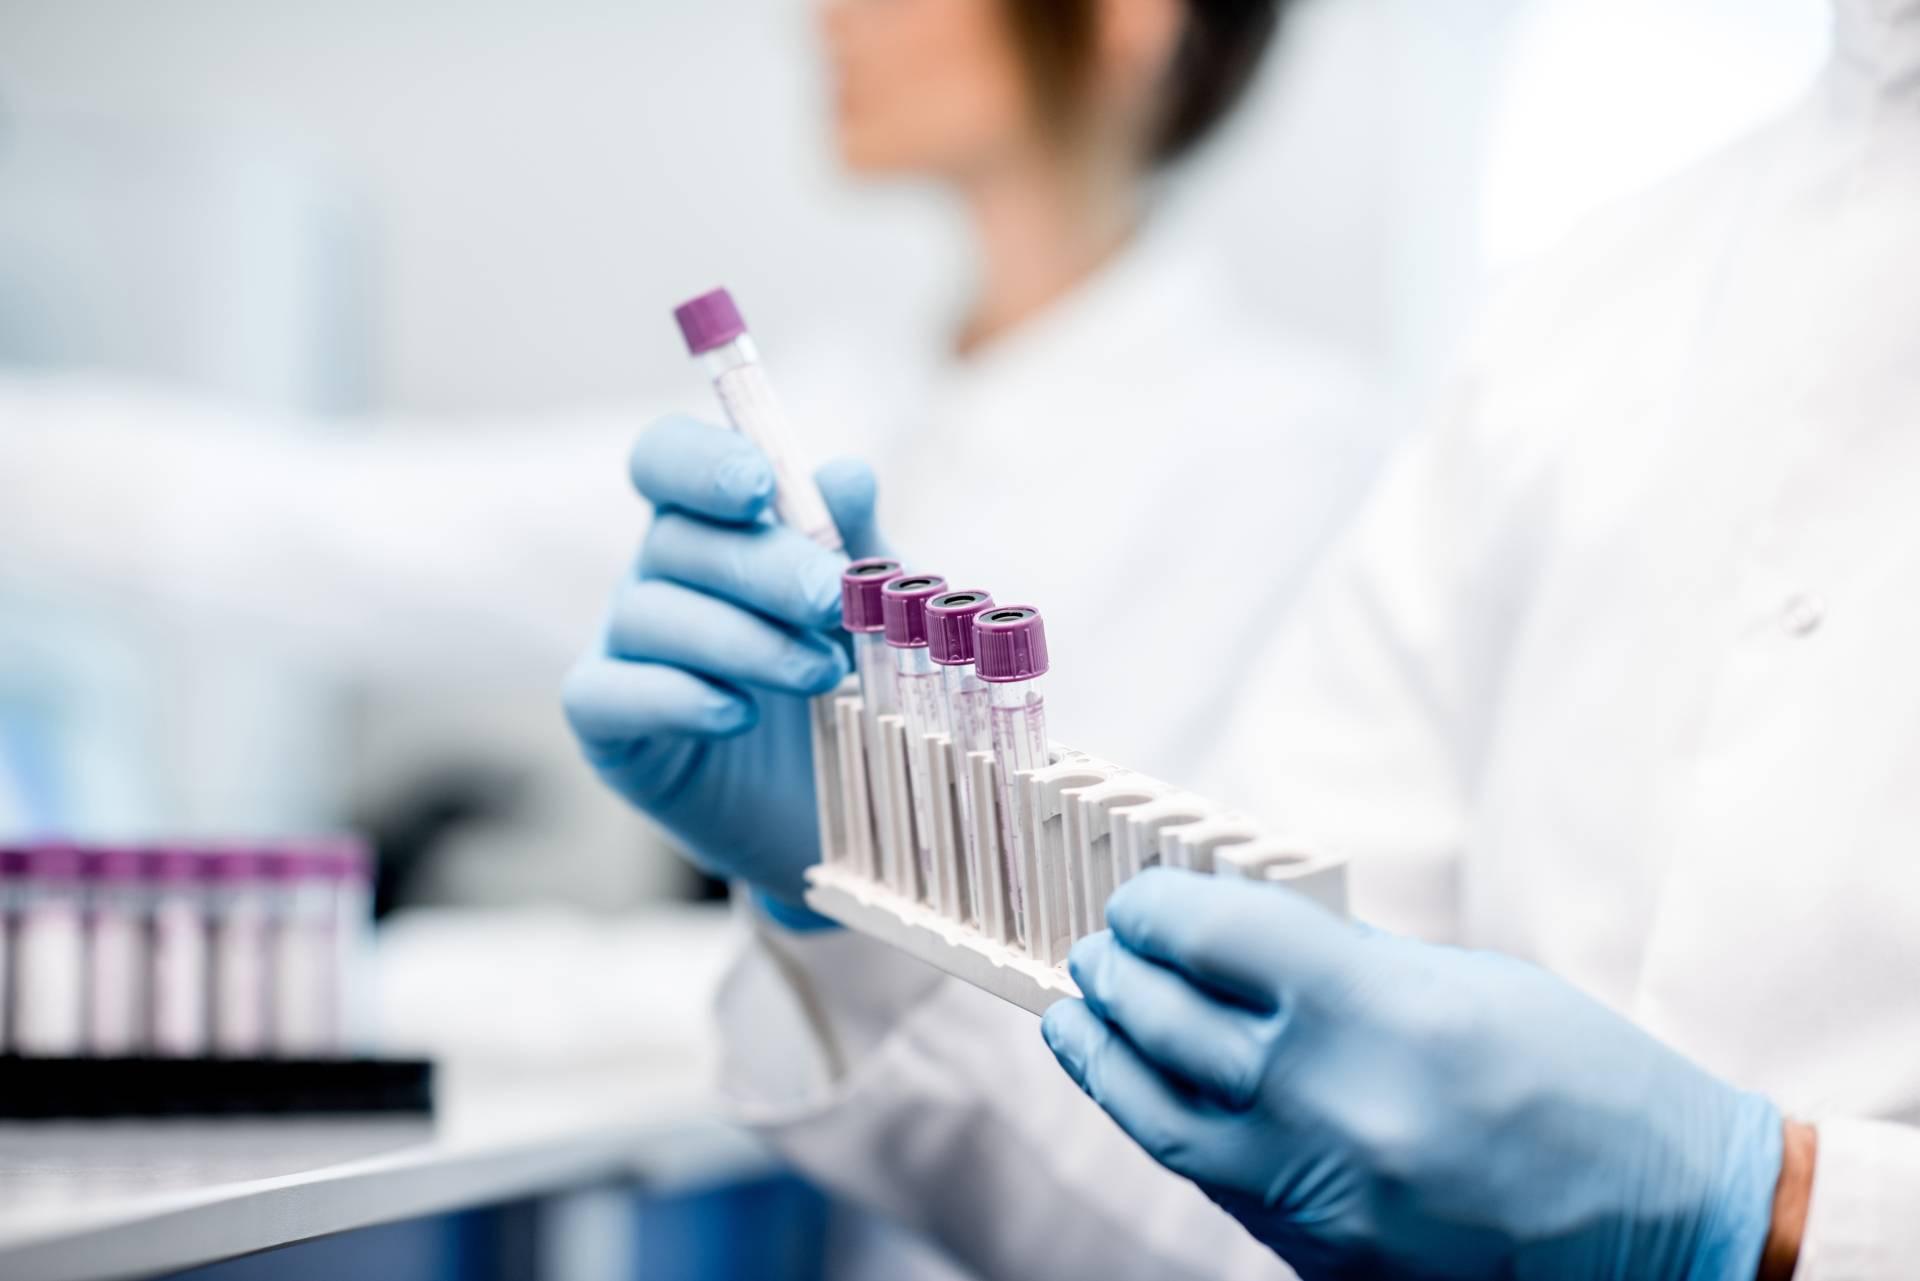 Leczenie raka trzustki. Badanie próbek w laboratorium.